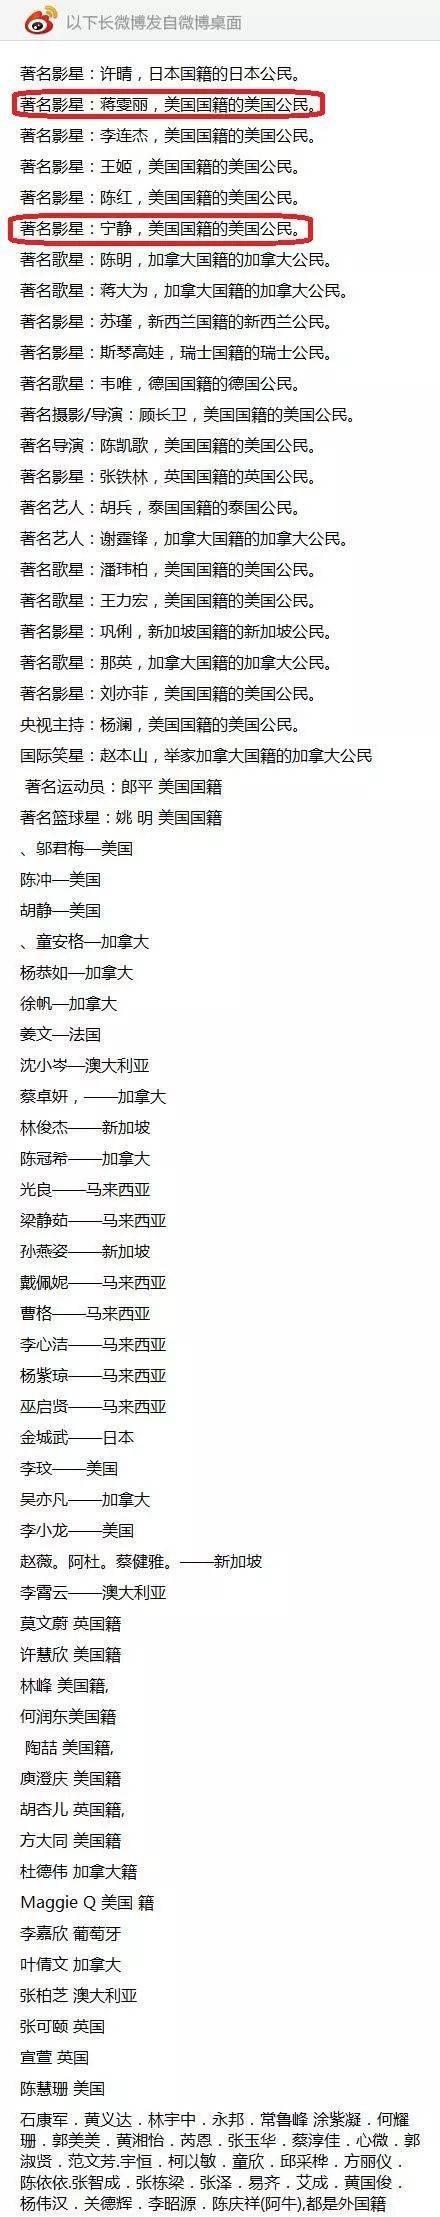 网传赵本山移民加拿大 本人否认